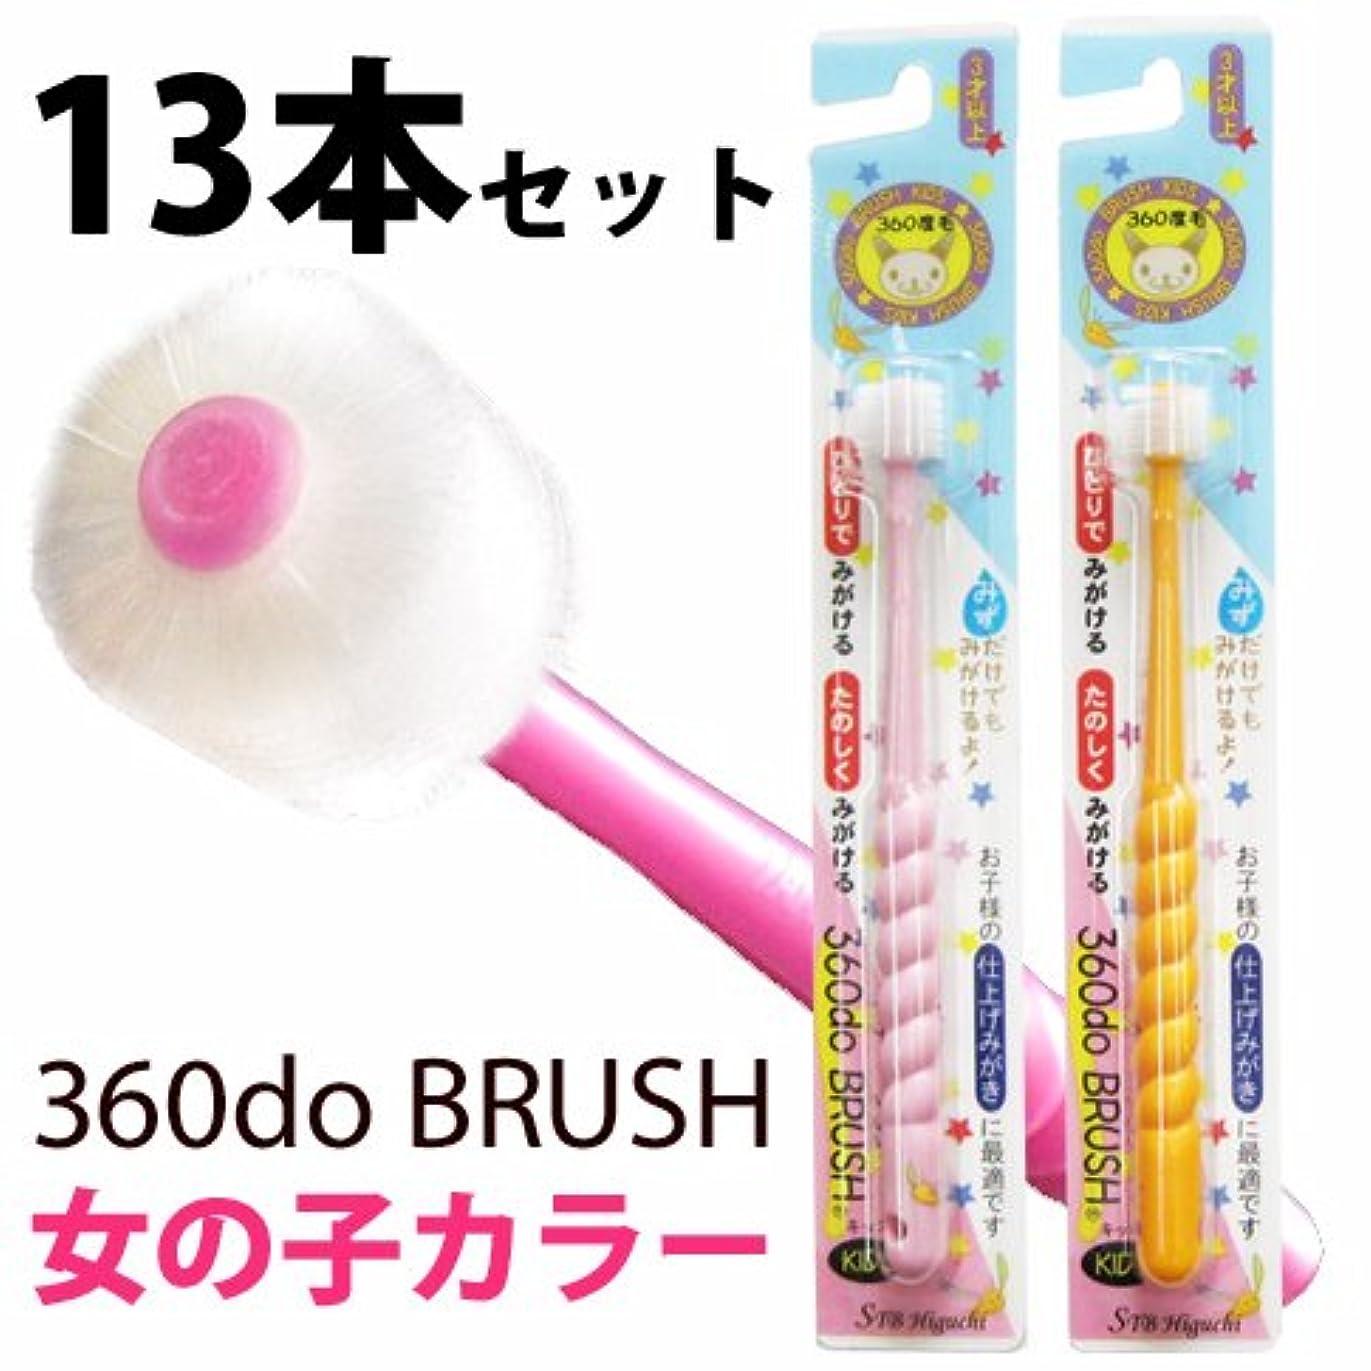 怠感魔女牛360do BRUSH 360度歯ブラシ キッズ 女の子用 13本セット